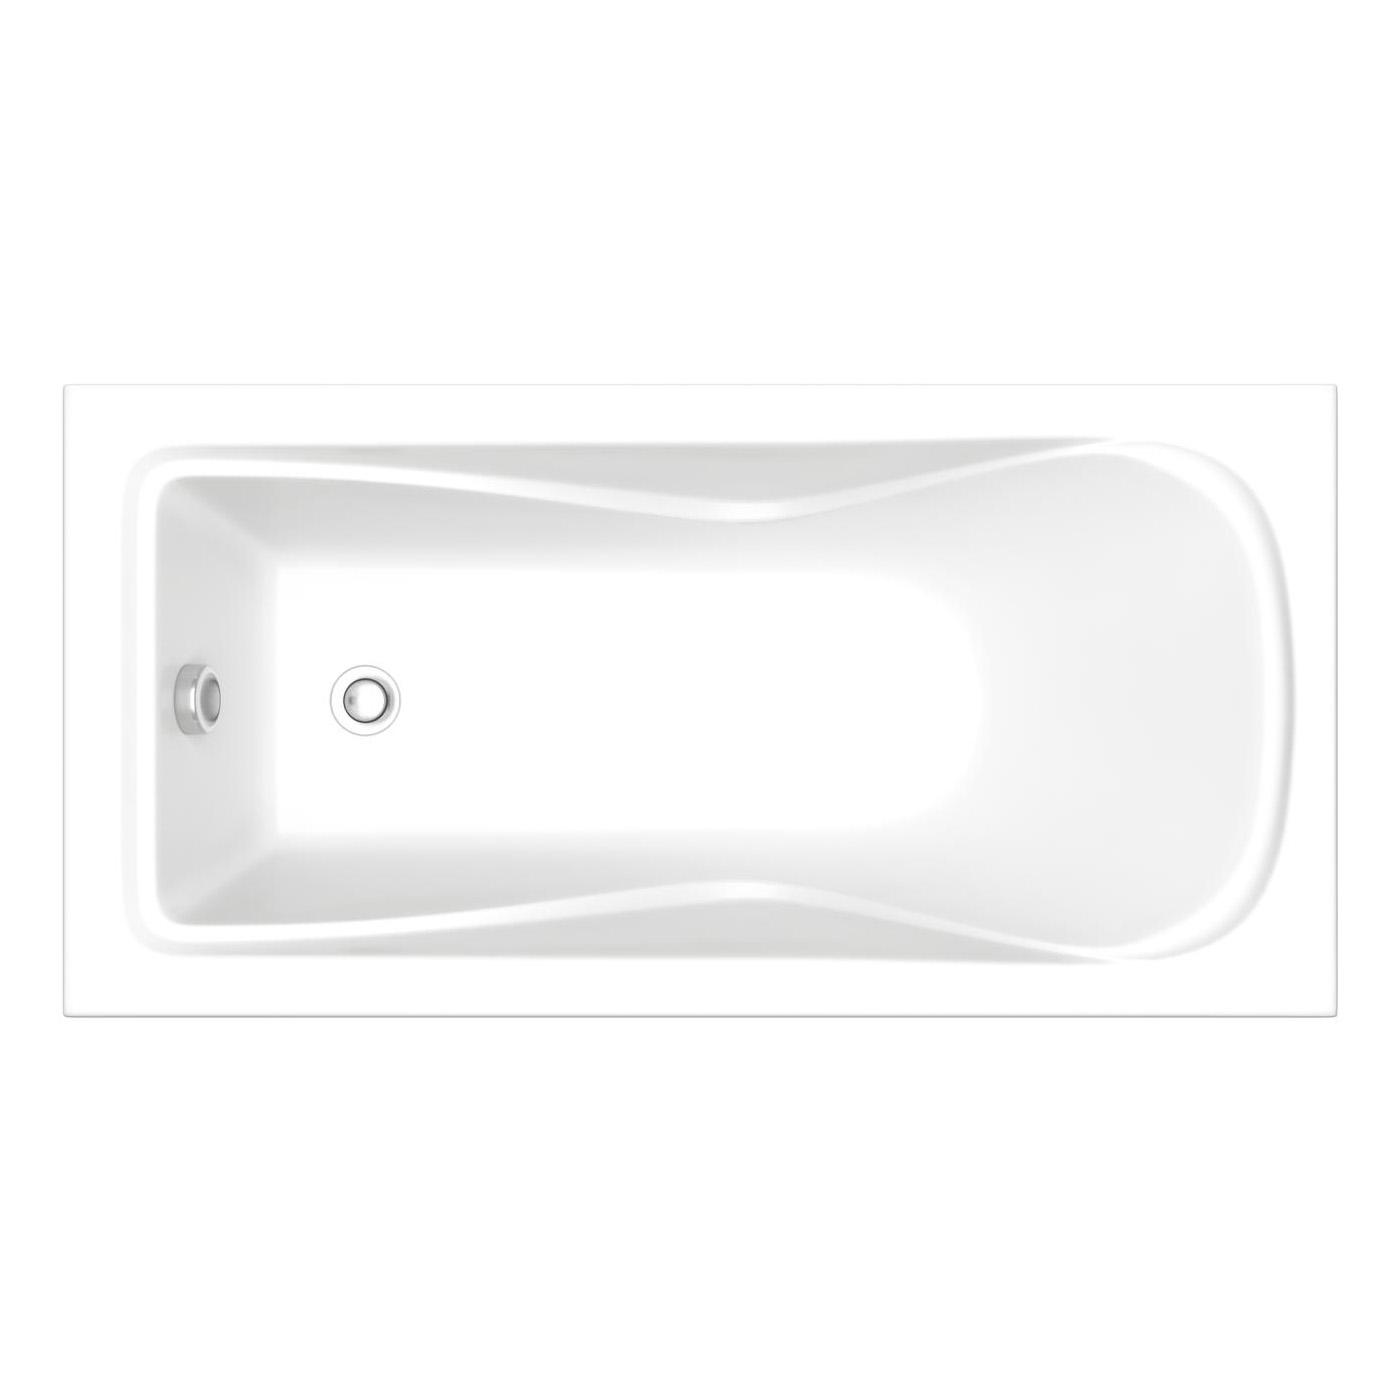 Акриловая ванна Bas Олимп ST. 170х70 без гидромассажа акриловая ванна am pm like 170х70